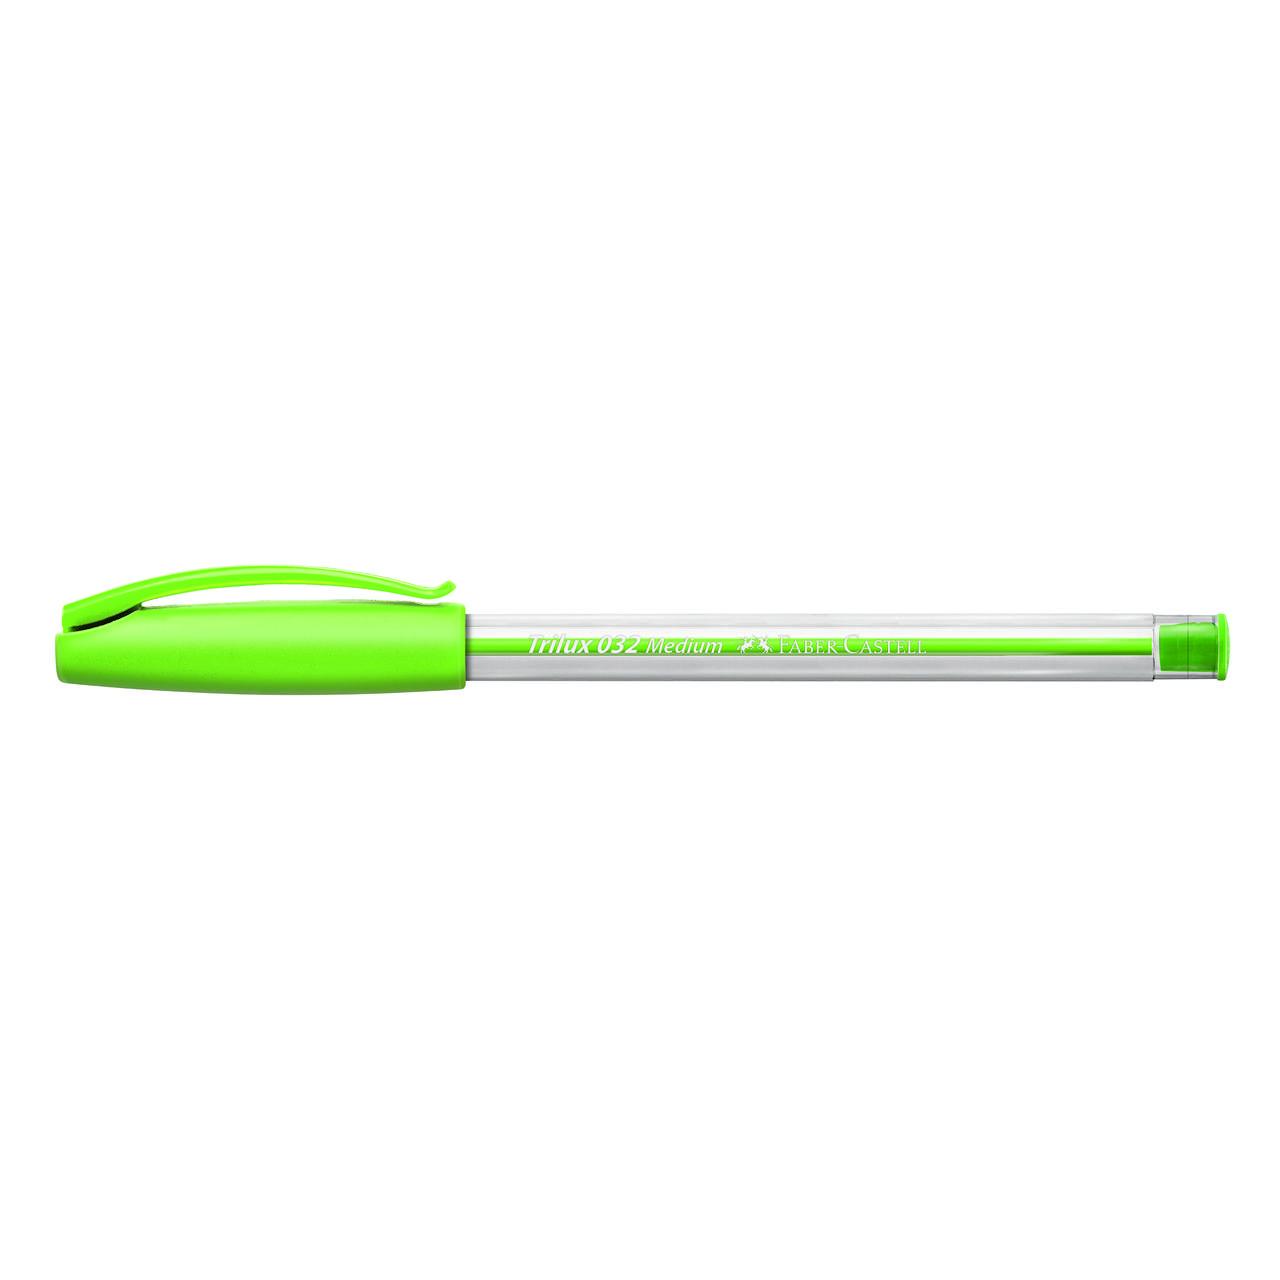 Caneta esferográfica 1.0 verde claro TRILUX Faber-Castell